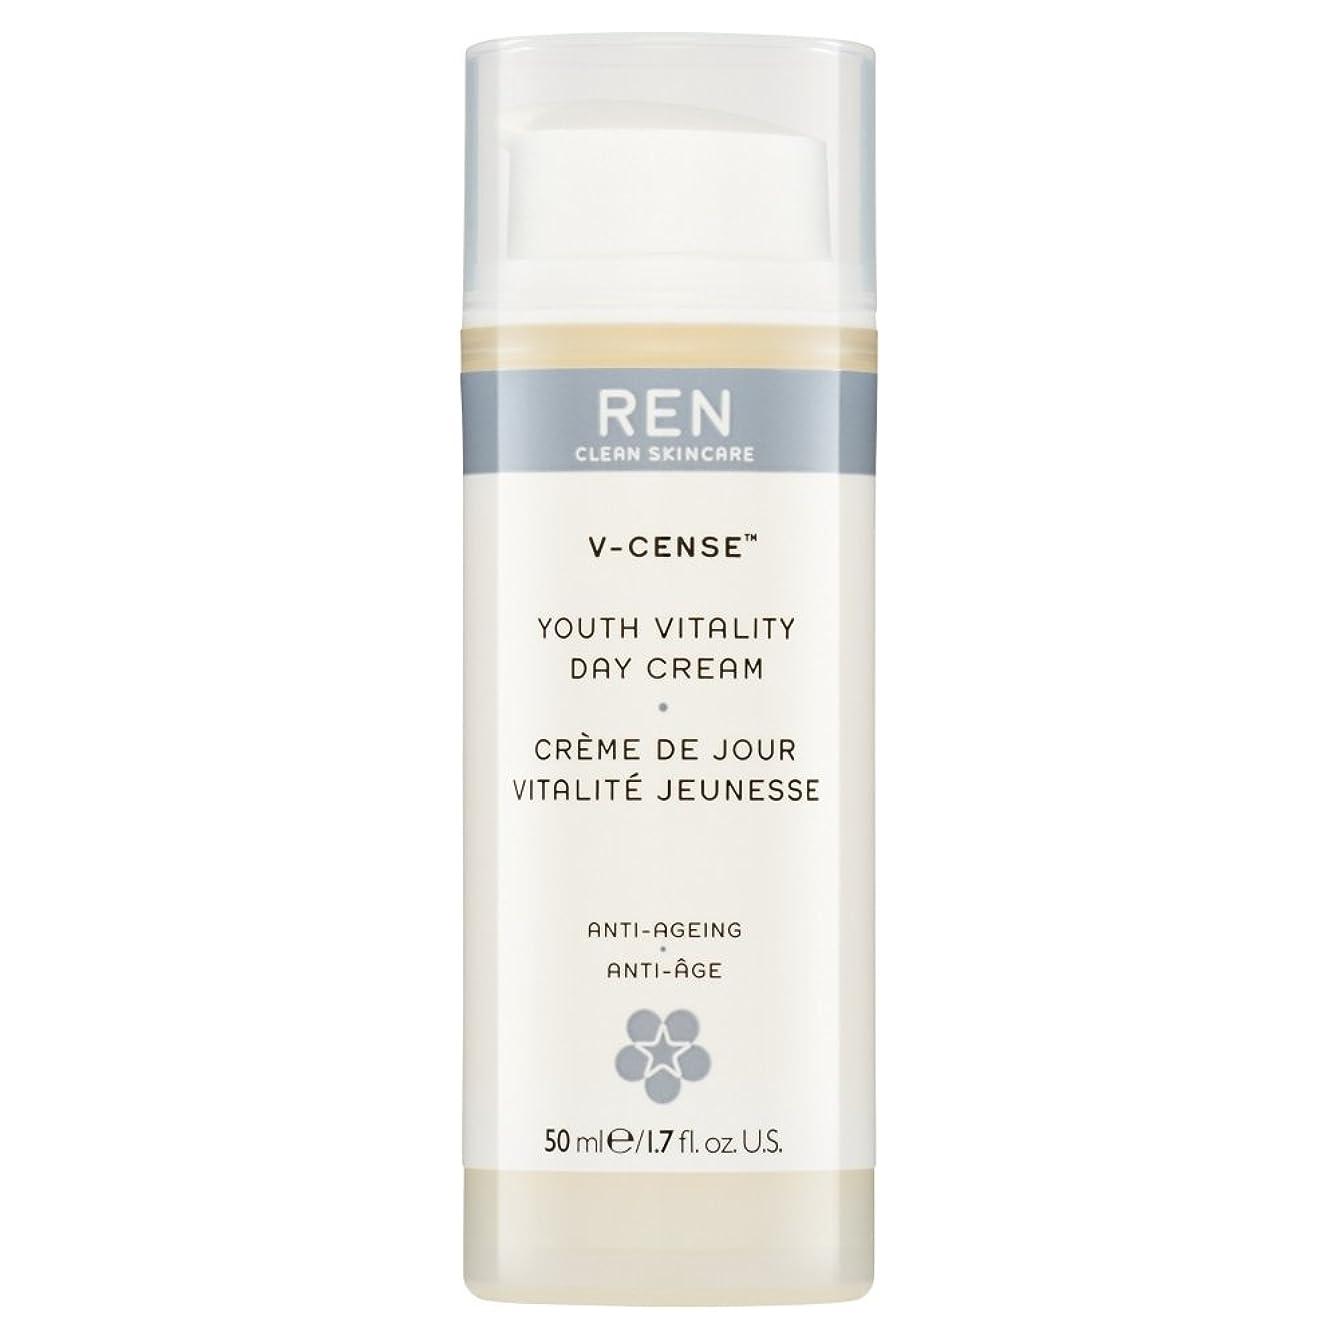 むき出し自分手段RenのV-焼香する若者の活力のデイクリーム、50ミリリットル (REN) - REN V-Cense Youth Vitality Day Cream, 50ml [並行輸入品]